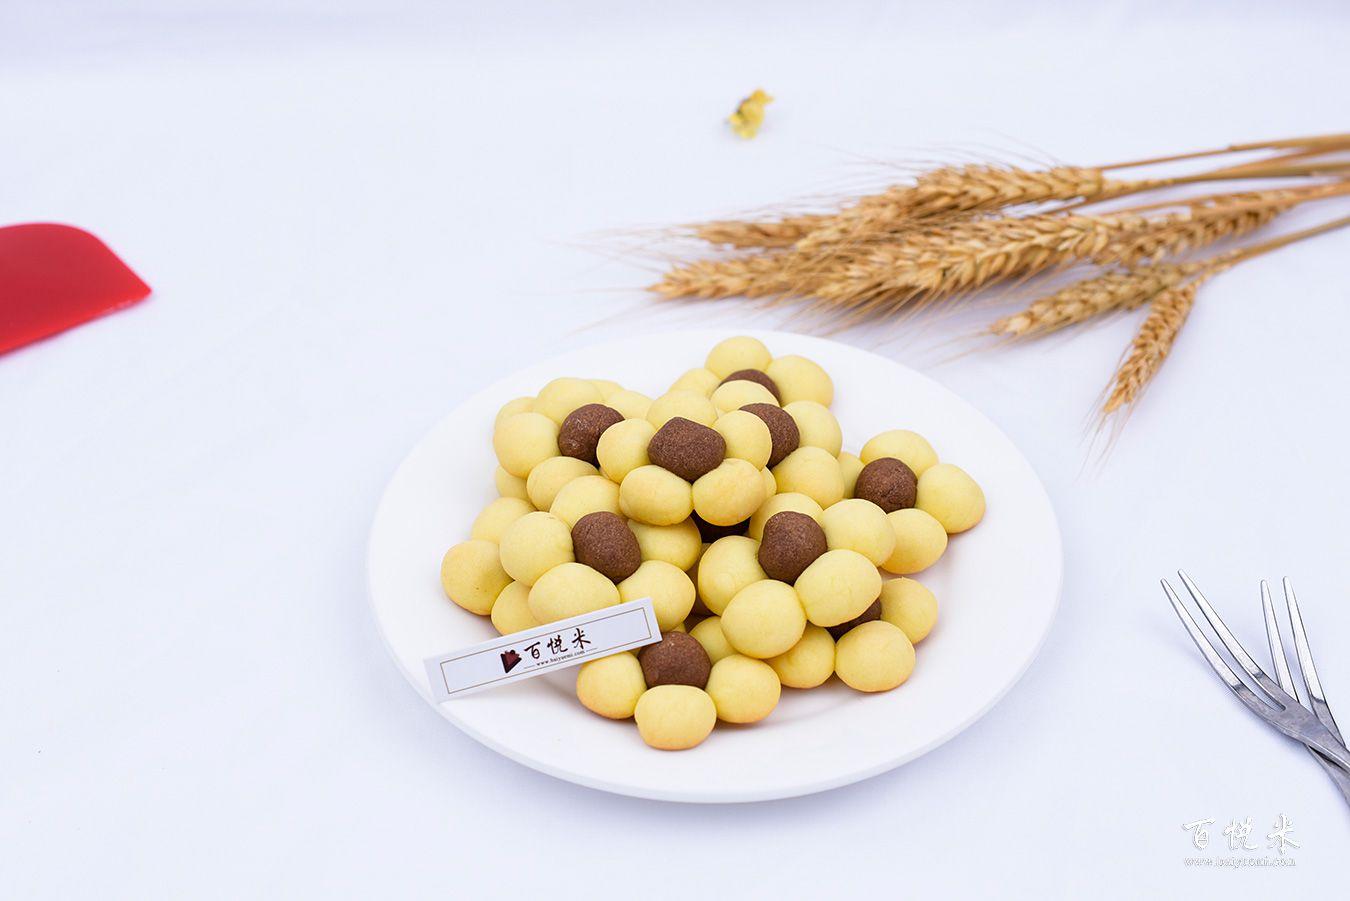 原味花朵饼干高清图片大全【蛋糕图片】_539